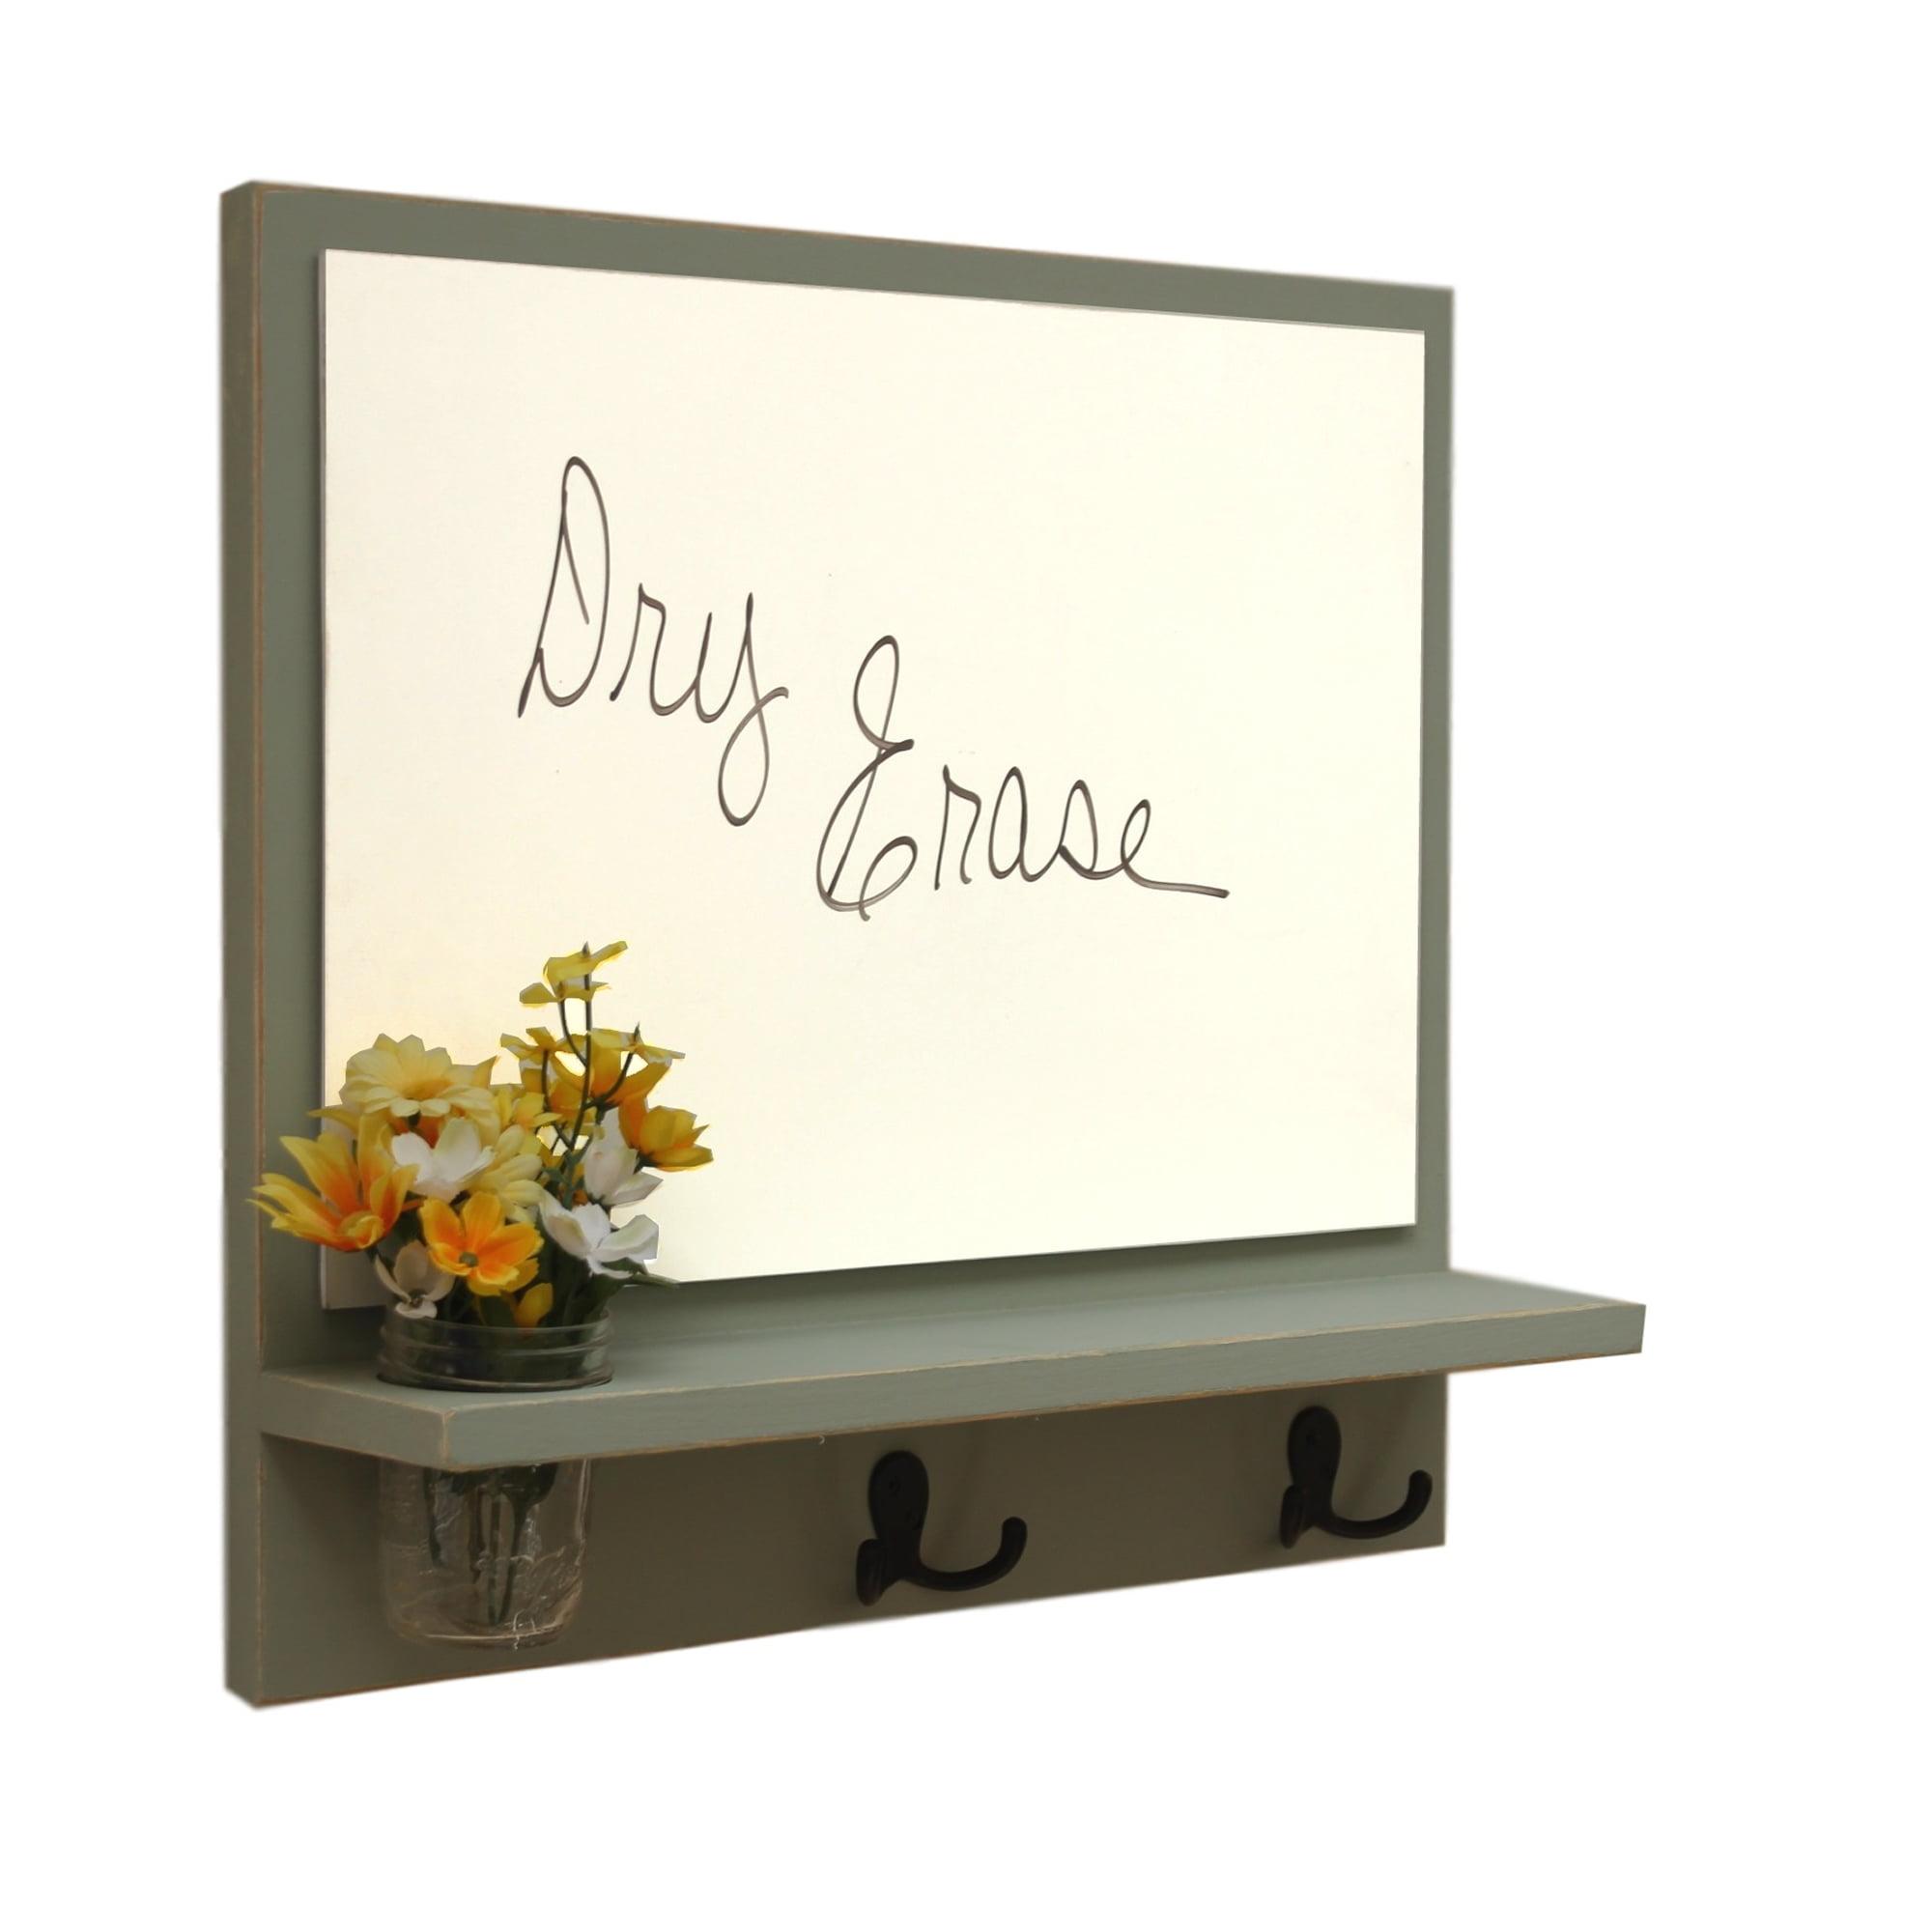 Message Board with Whiteboard, Coat Hooks & Mason Jar